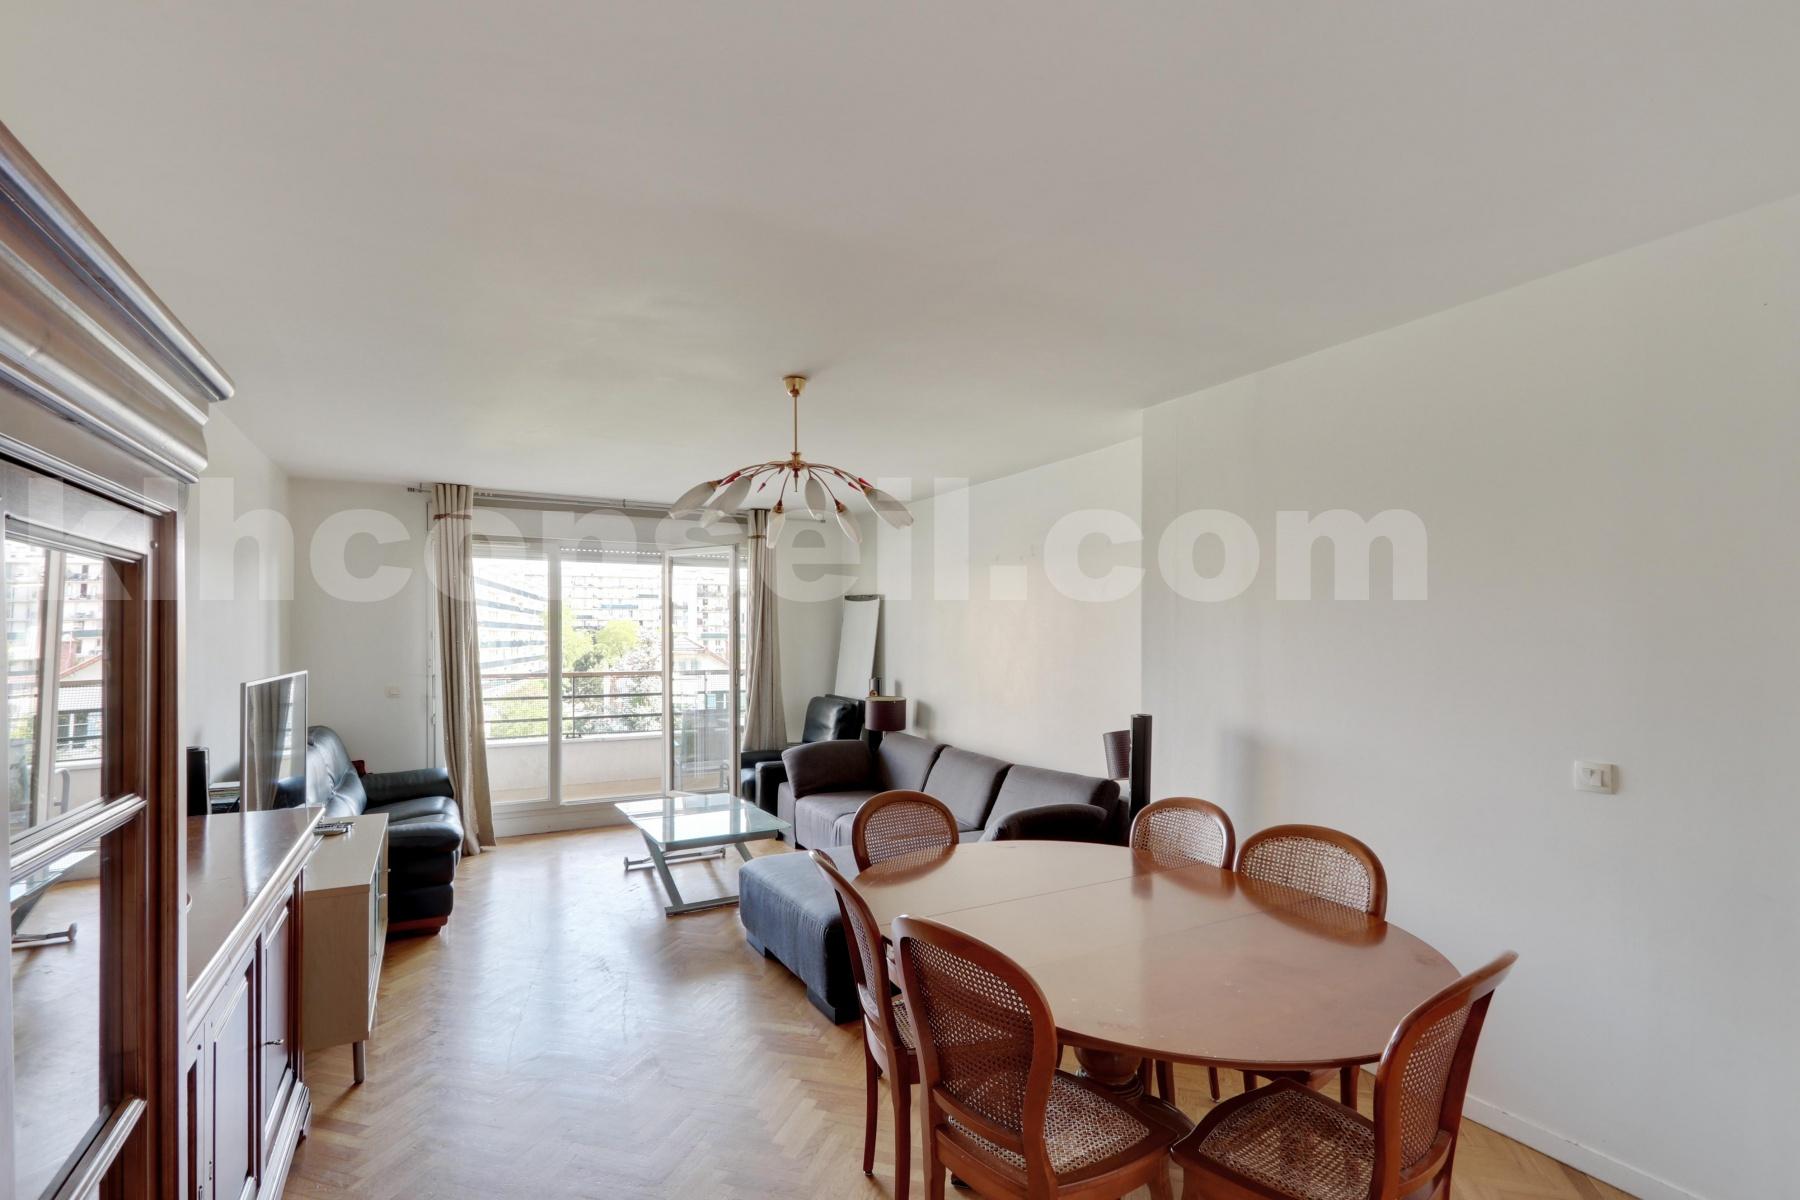 Vente Appartement de 4 pièces 89 m² - COLOMBES 92700 | KLH Conseil -  photo5